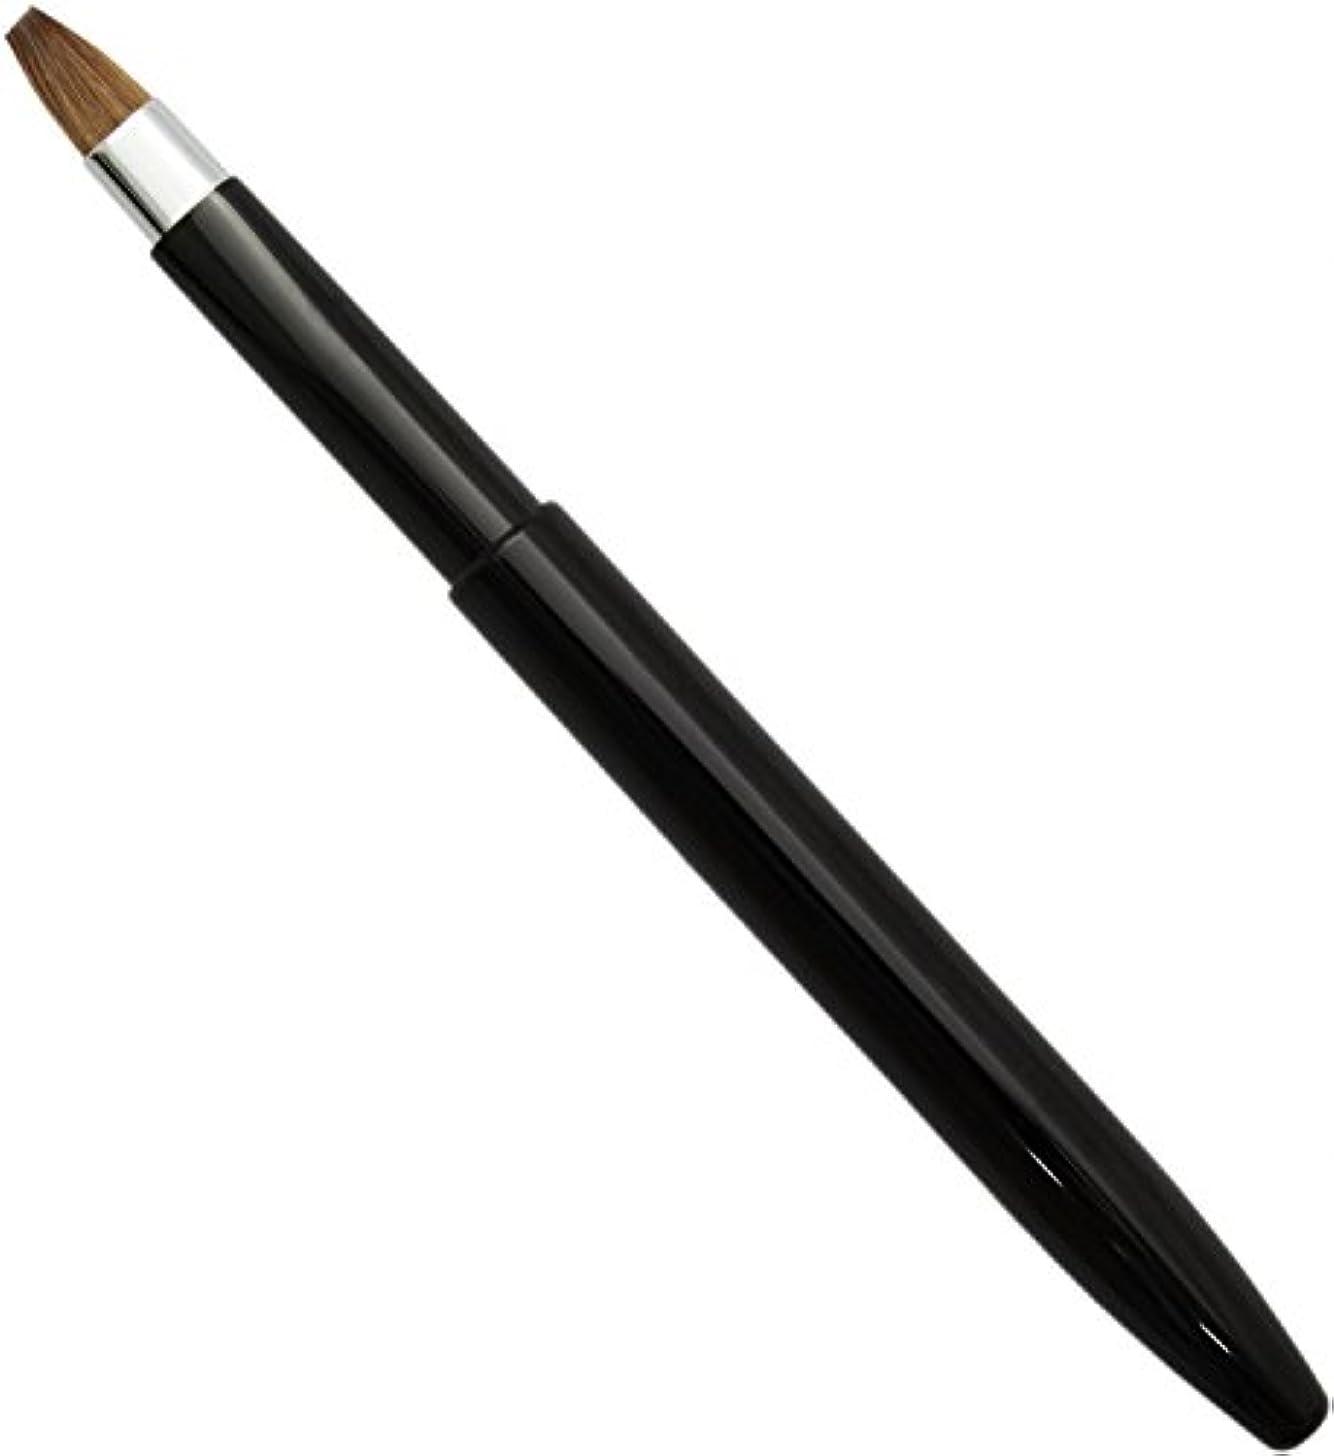 考古学者サーカスおばさん熊野筆 メイクブラシ KUシリーズ リップブラシ オート イタチ毛